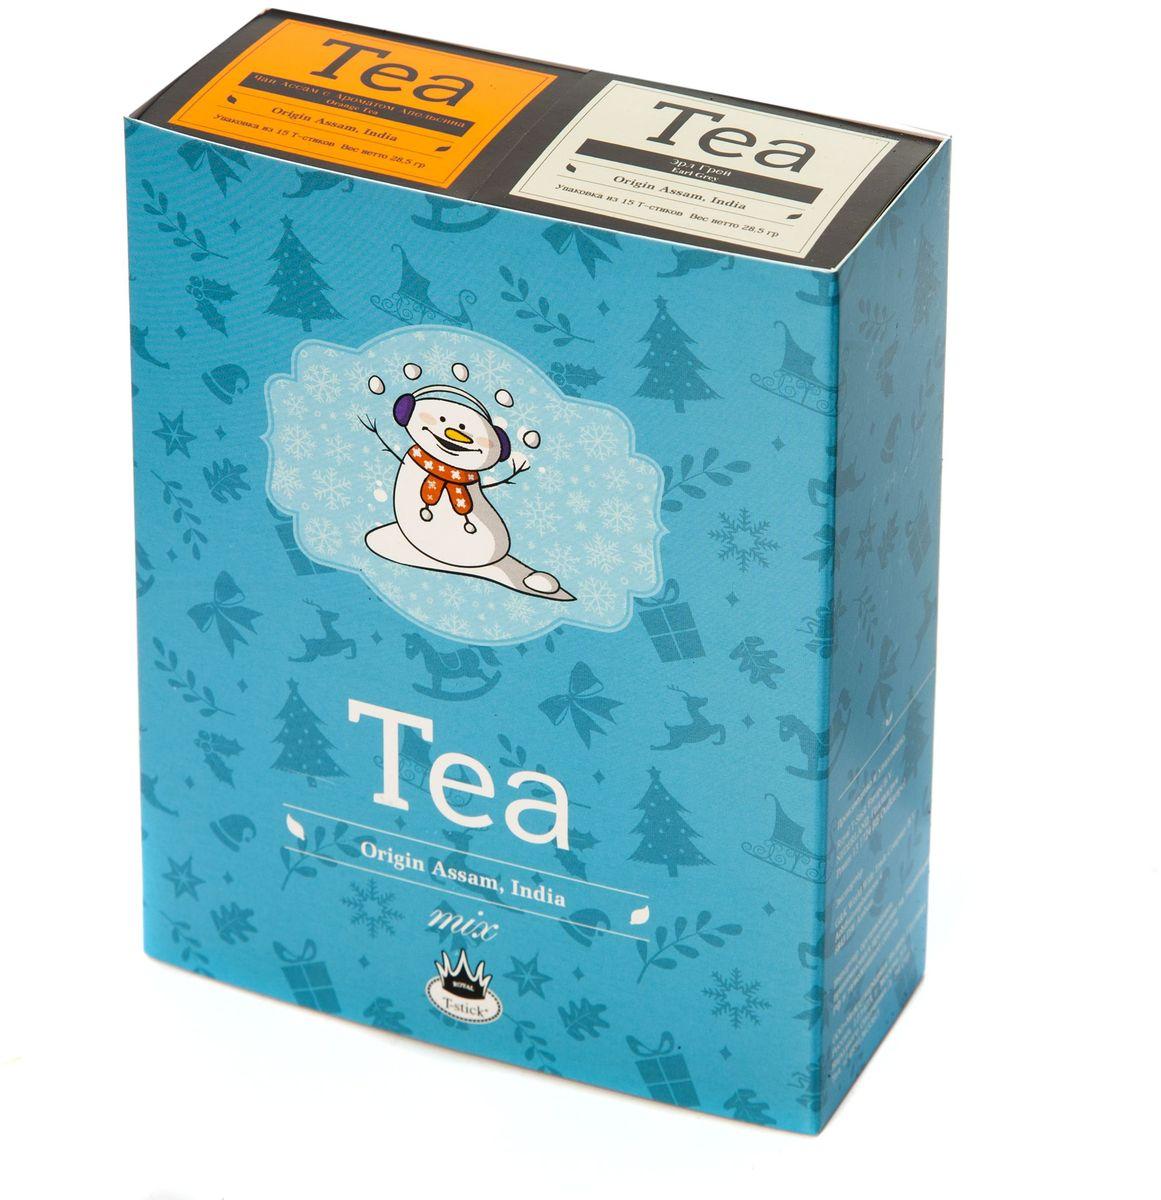 Подарочный набор Royal T-Stick: Earl Grey черный чай и Orange Tea черный чай в стиках, 30 шт77106Подарочный набор из 2- пачек чая премиум класса,упакован в коробку для транспортировки. Чай Ассам с бергамотом порадует вас насыщенным ,янтарно -красным цветом, терпким ароматом бергамота и пряным, солодово-медовым вкусом . Чай обладает тонизирующим свойством. Натуральный черный чай с ароматом апельсина порадует вас золотисто-медовым цветом, тонким ароматом персика и изысканным пряным вкусом , который создается путем смешивания реальных кусочков апельсина и индийского чая из штата Ассам. Чай упакован в пищевую фольгу, которую можно использовать вместо ложечки для размешивания сахара. Опустите стик в кипяток, оставьте на 3 минуты, размешайте кусочек сахара. Достаньте стик из стакана, потрясите им о край стакана, так, чтобы стекли последние капли, и положите рядом. Вся влага останется внутри стика.Прекрасный подарок родным и близким,и отличный повод удивить коллег по работе и друзей, внедряя новую, элегантную культуру чаепития!